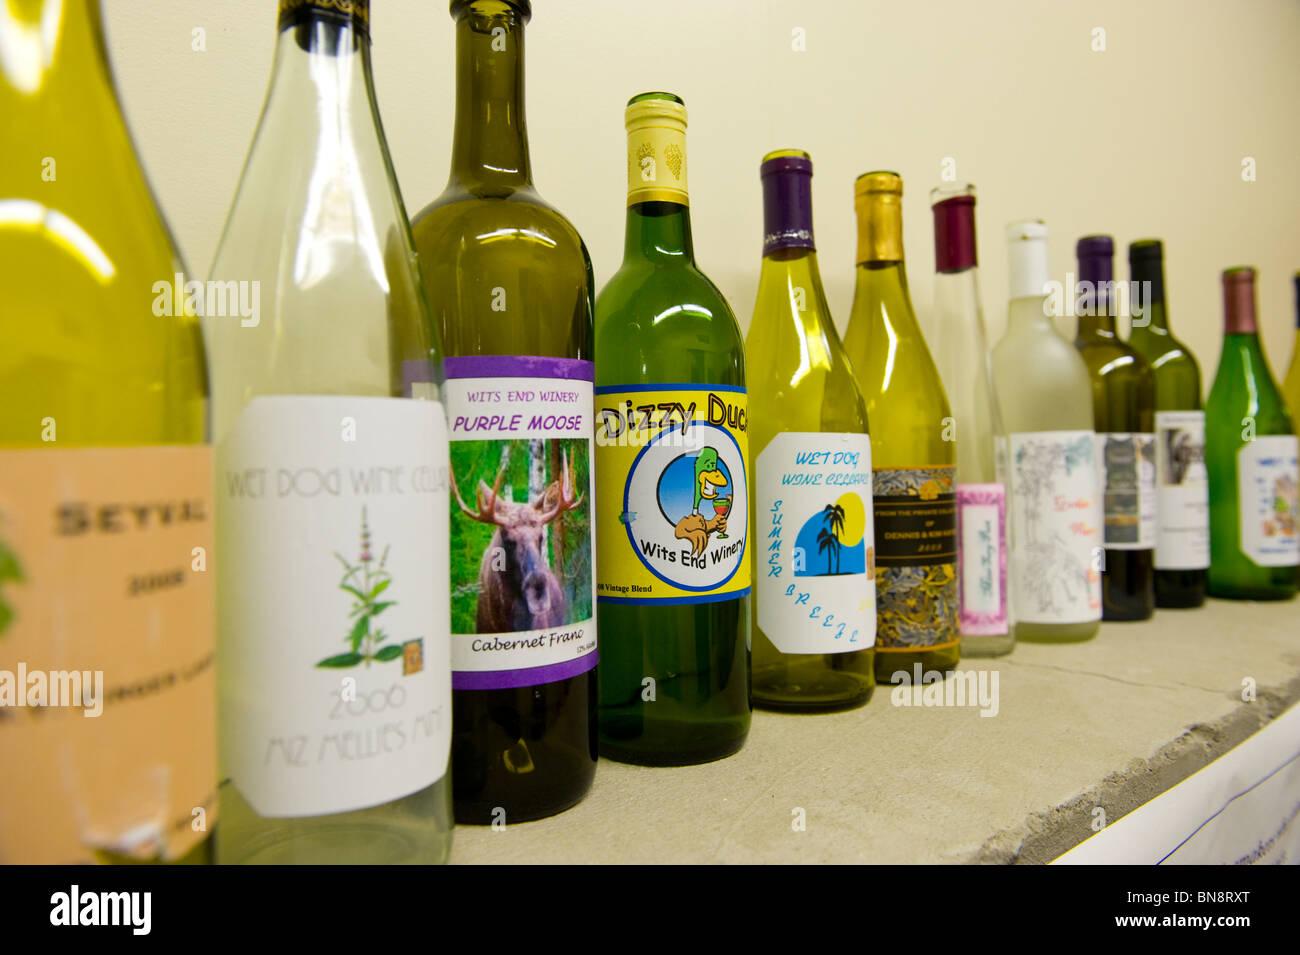 Botella de vino personalizada muestras en pantalla en la región de Finger Lakes Bodega Nueva York Imagen De Stock